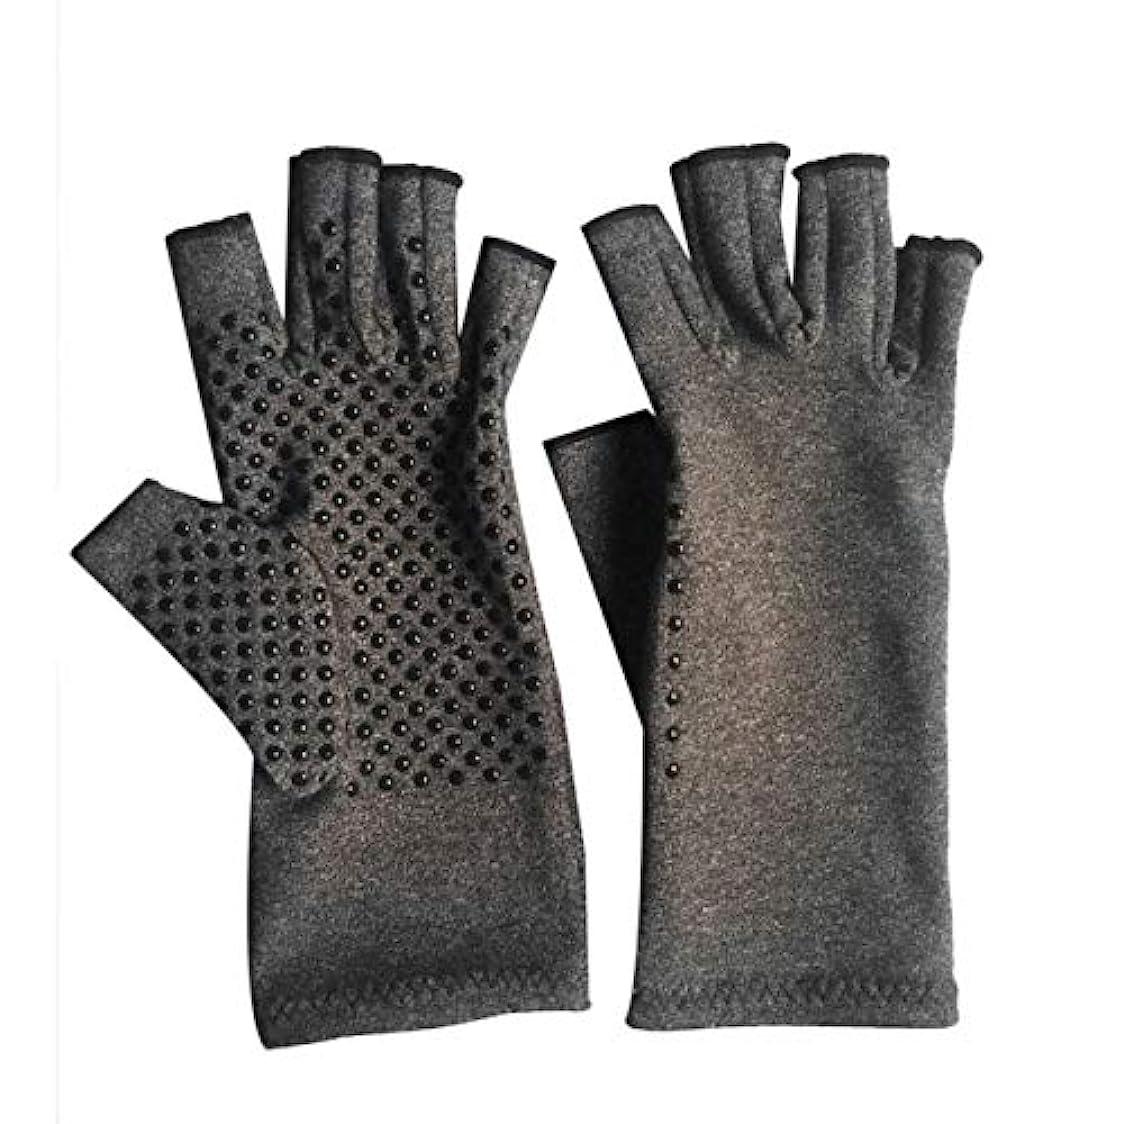 ペニー聖人受粉するDeeploveUU 1ペアユニセックス男性女性療法圧縮手袋関節炎関節痛緩和ヘルスケアハーフフィンガーグローブトレーニンググローブ